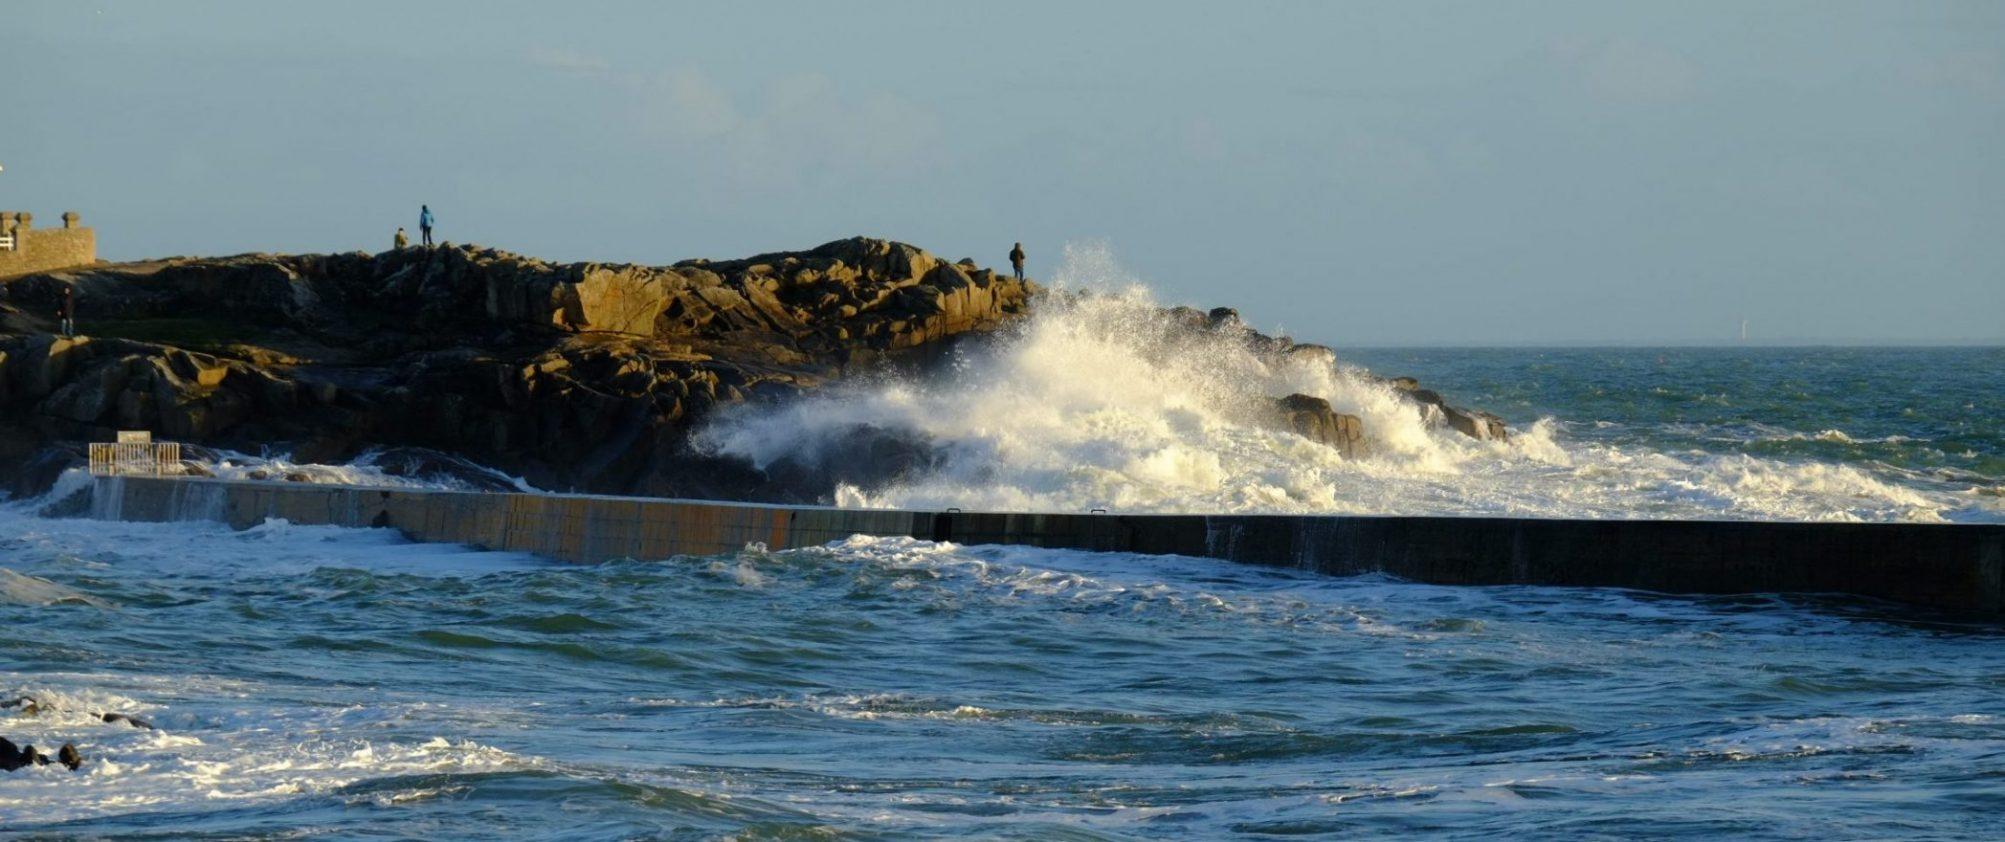 Ces promeneurs inconscients ignorent que certaines vagues peuvent les emporter en mer